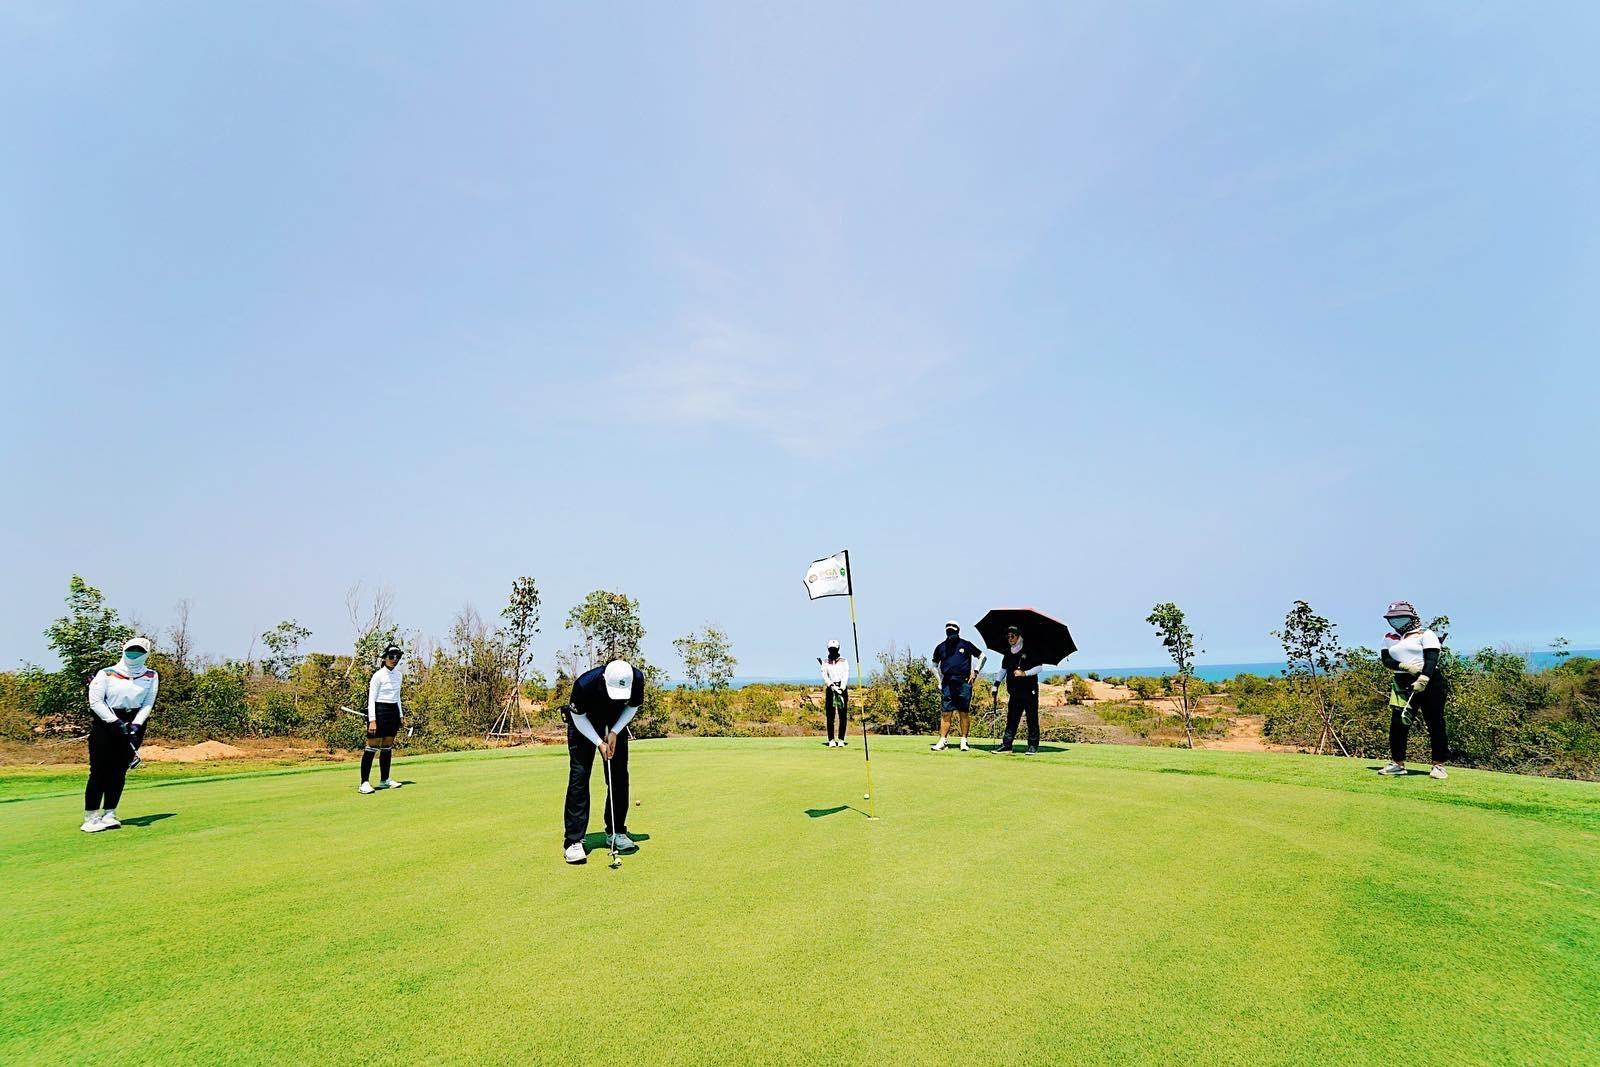 Phan Thiết hội tụ đủ yếu tố để trở thành điểm đến lý tưởng phát triển du lịch golf. Ảnh NovaWorld Friendship 2021 Tournament trên sân Golf PGA Ocean - NovaWorld Phan Thiet ngày 17-18/4.